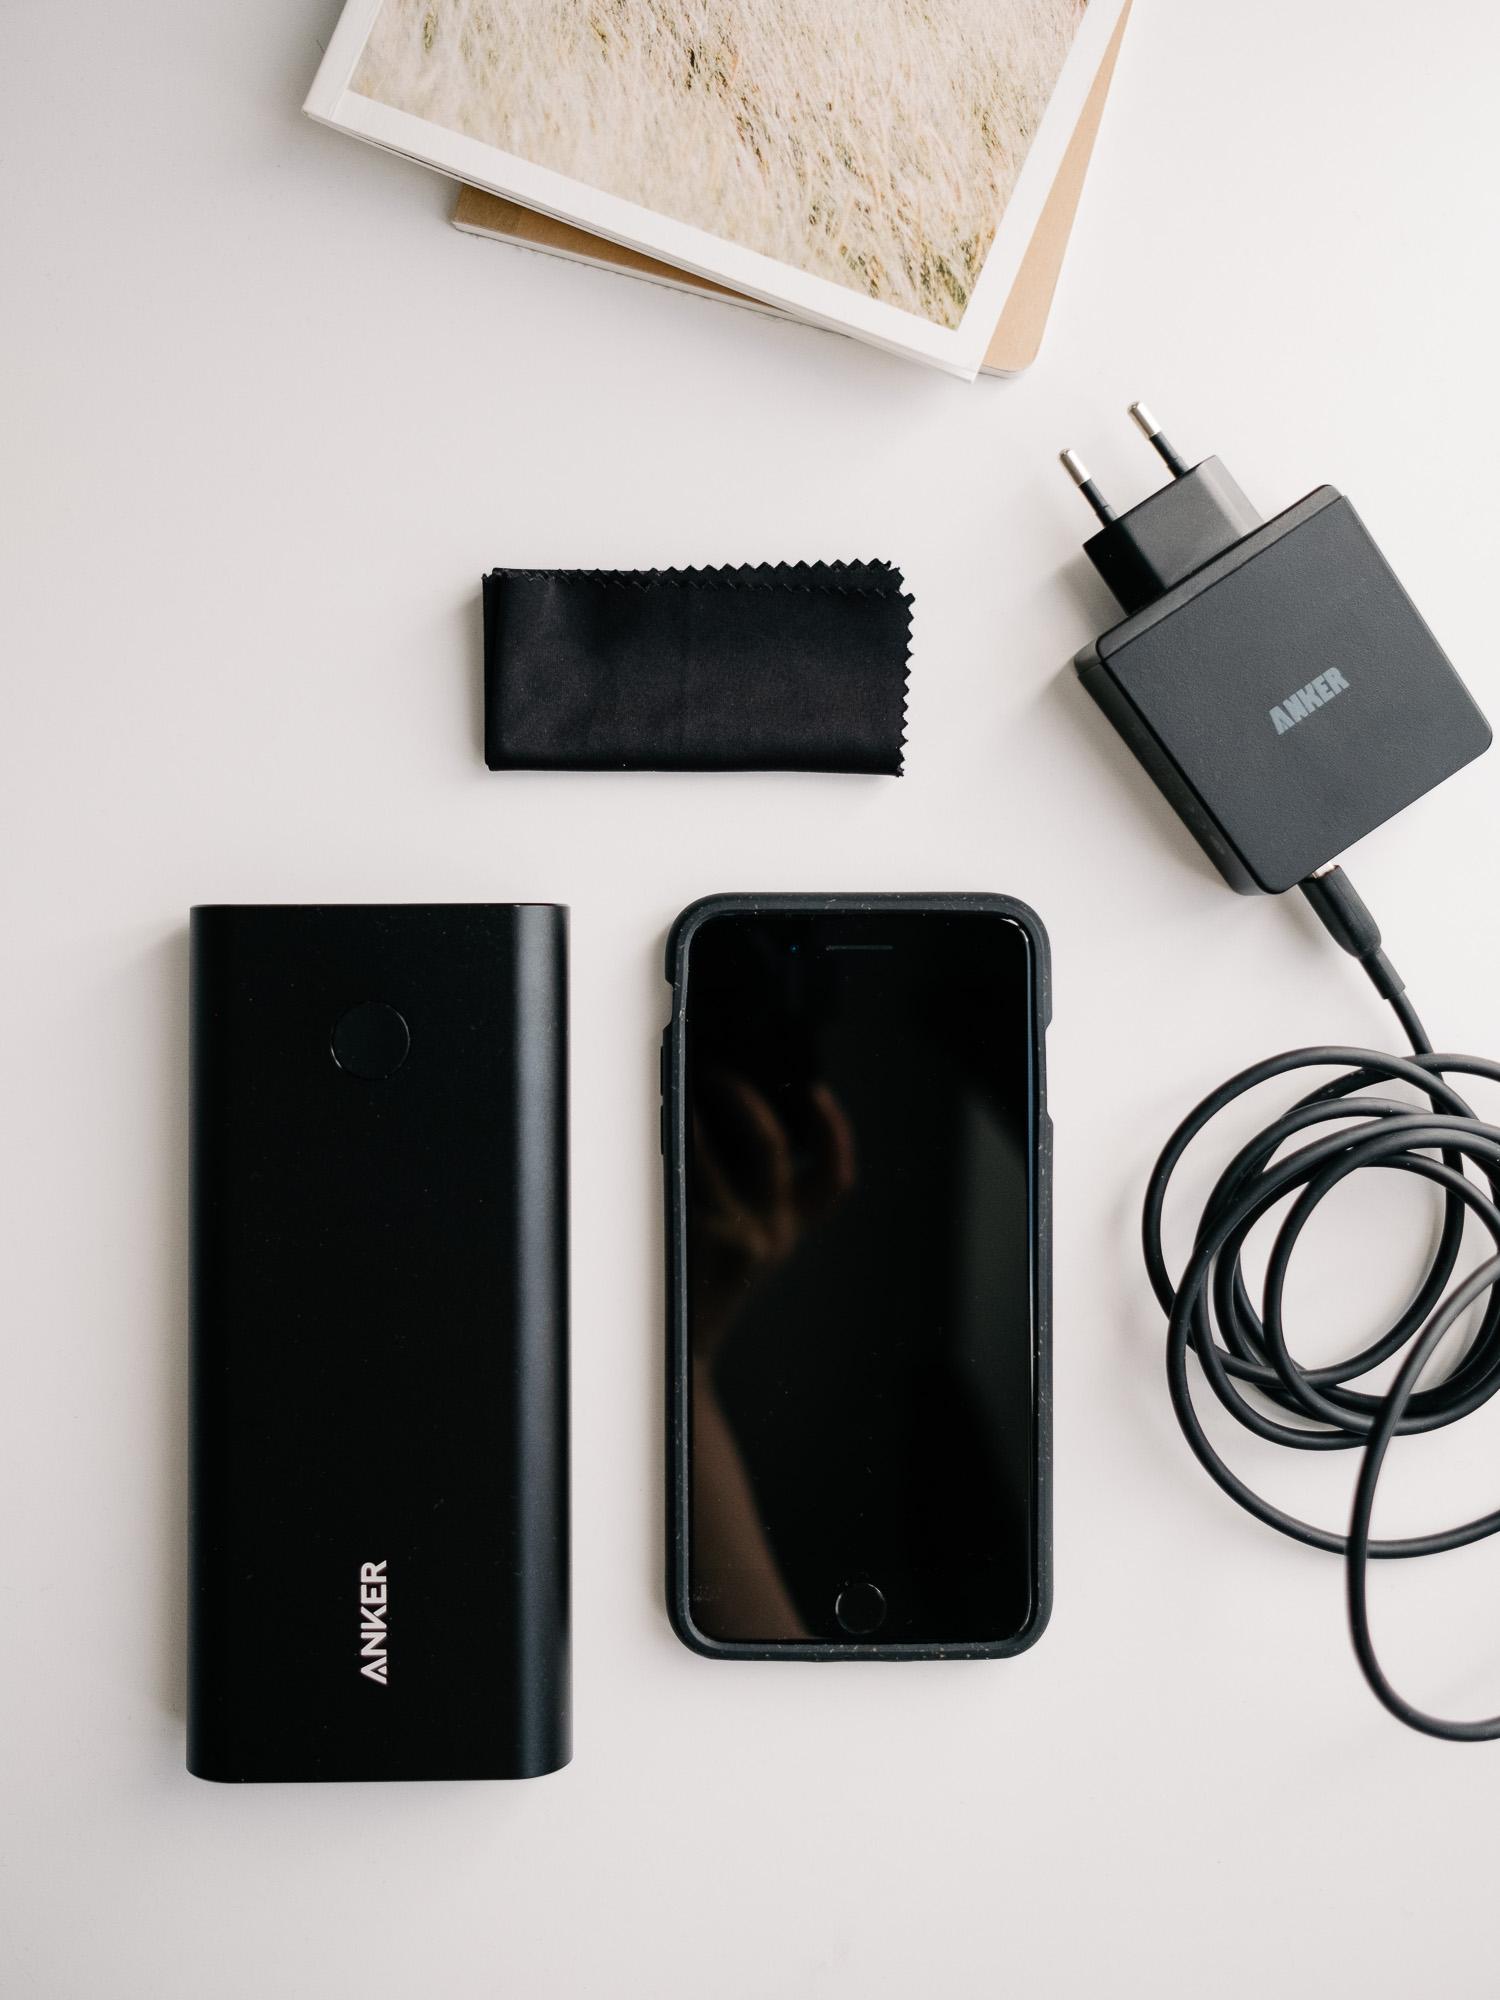 Smartphone, externer Akku, Brillentuch und längeres Ladekabel